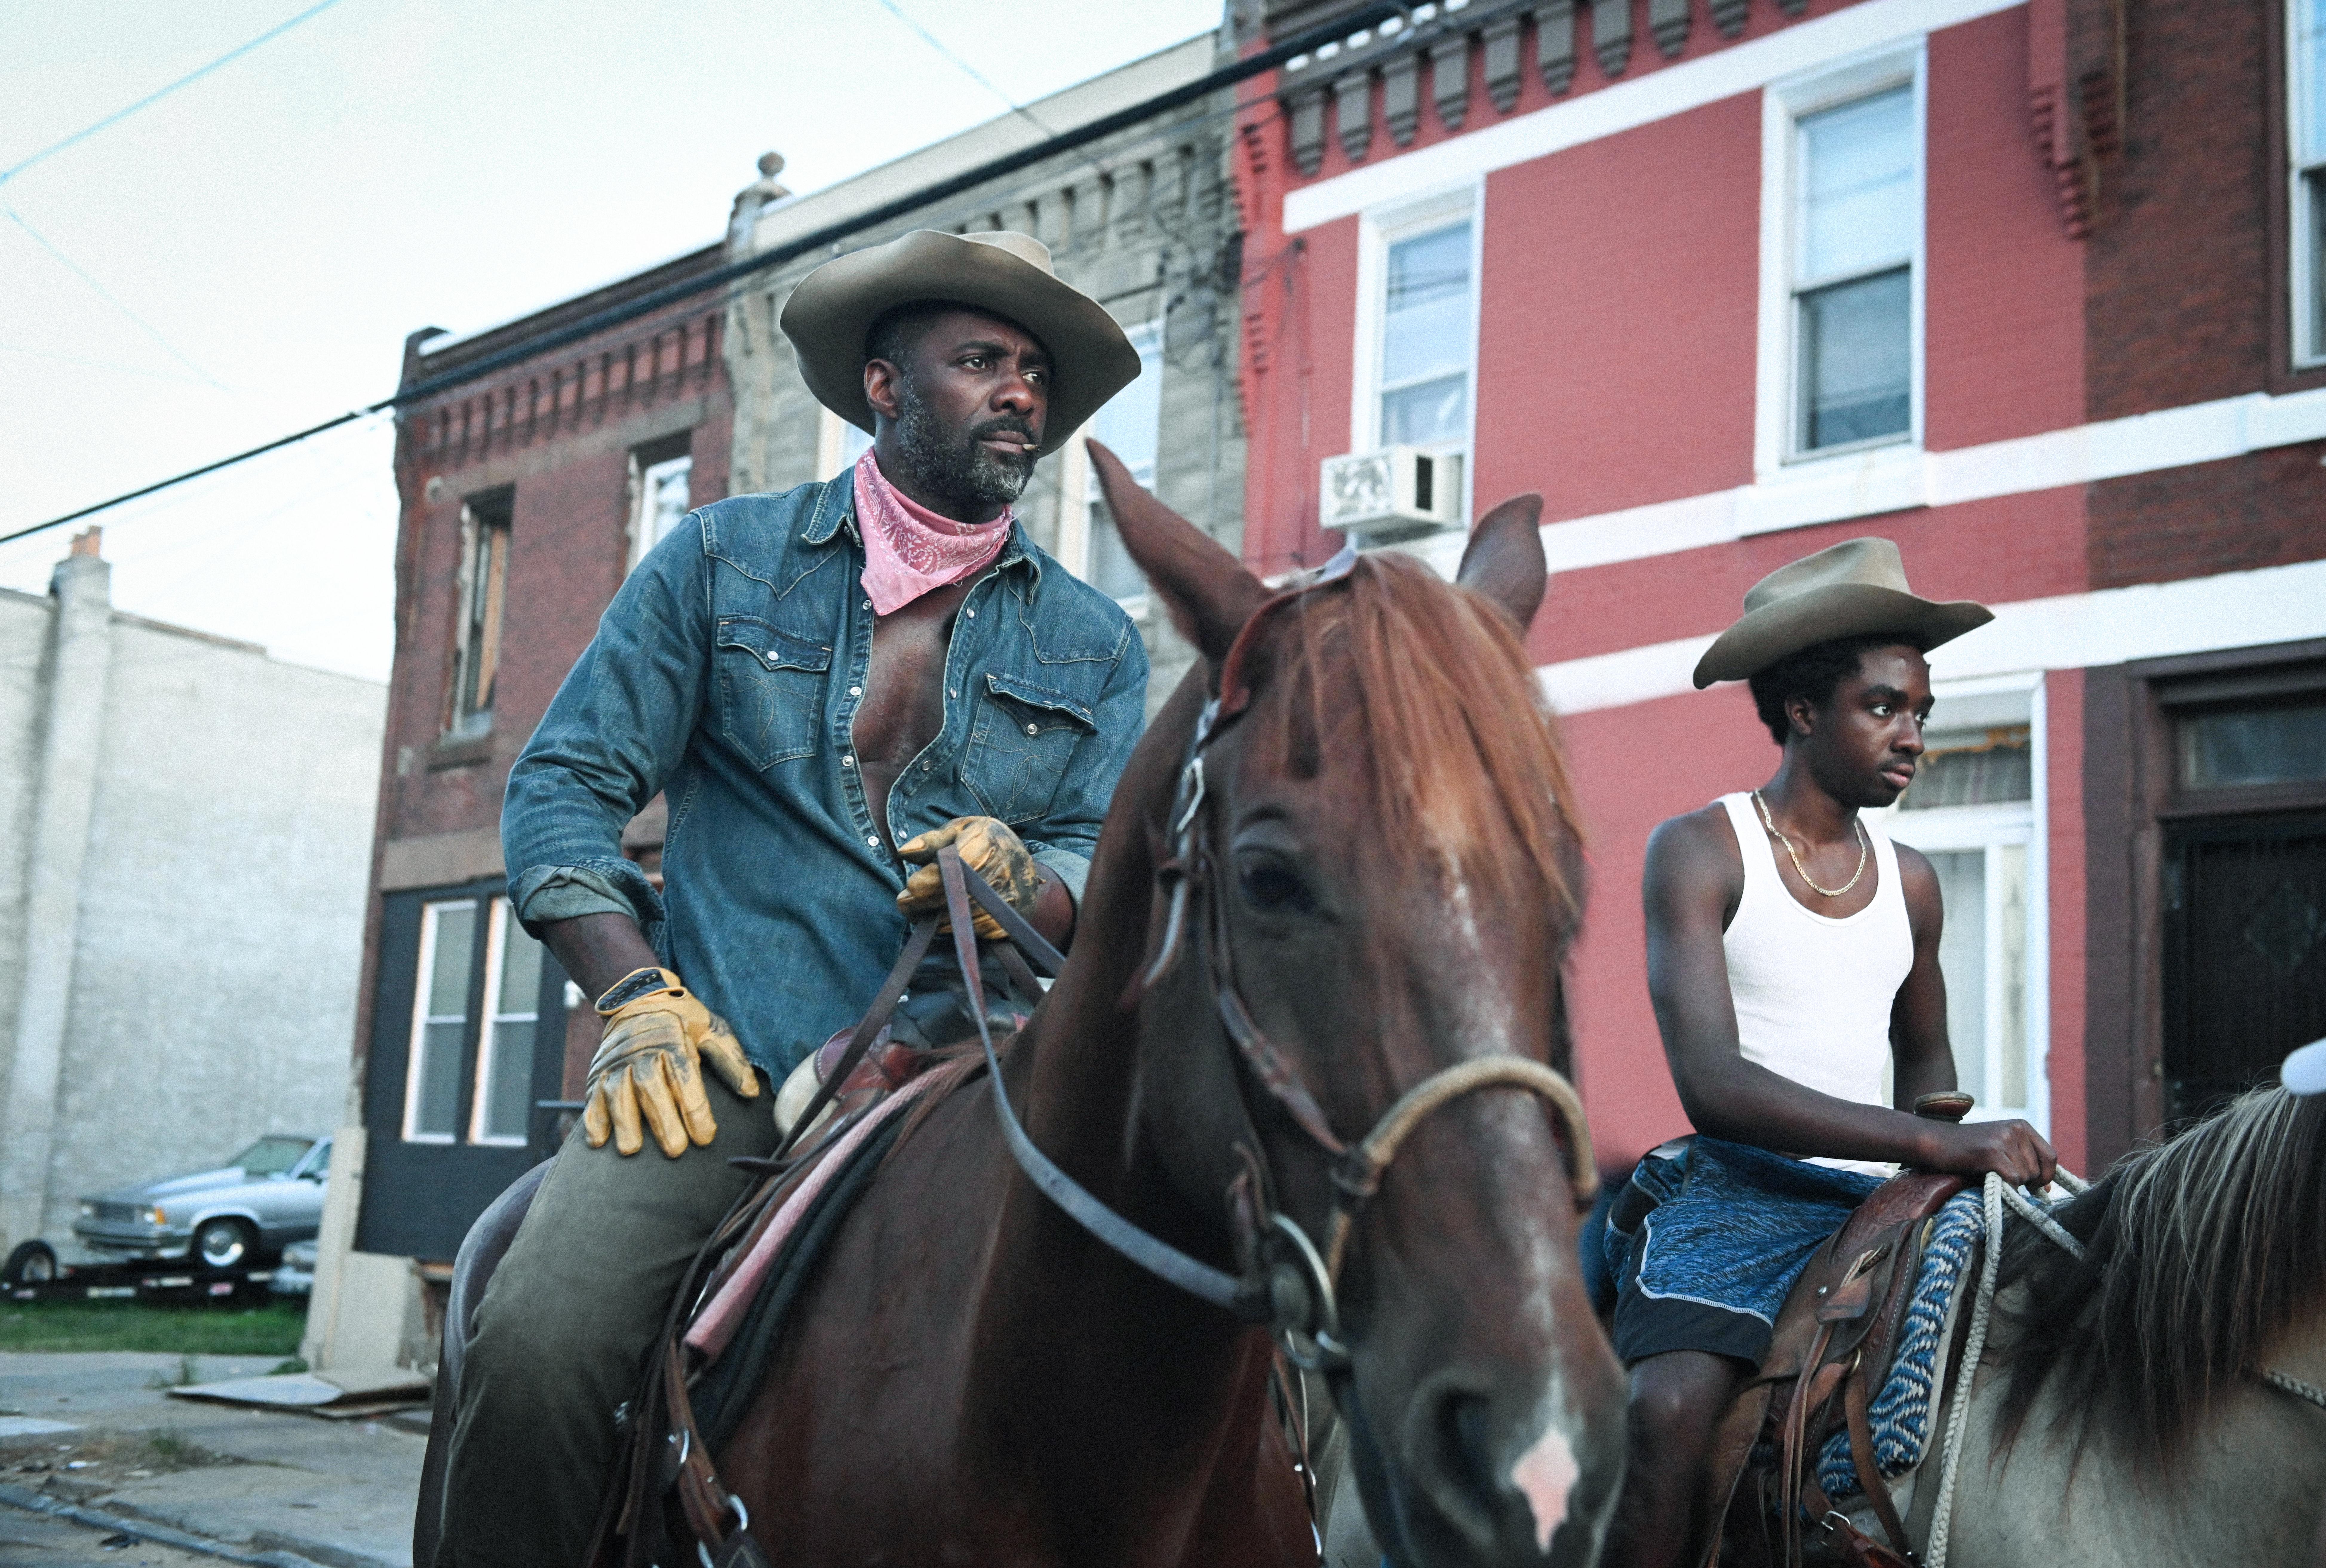 Idris Elba as Harp and Caleb McLaughlin as Cole riding horses in Concrete Cowboy